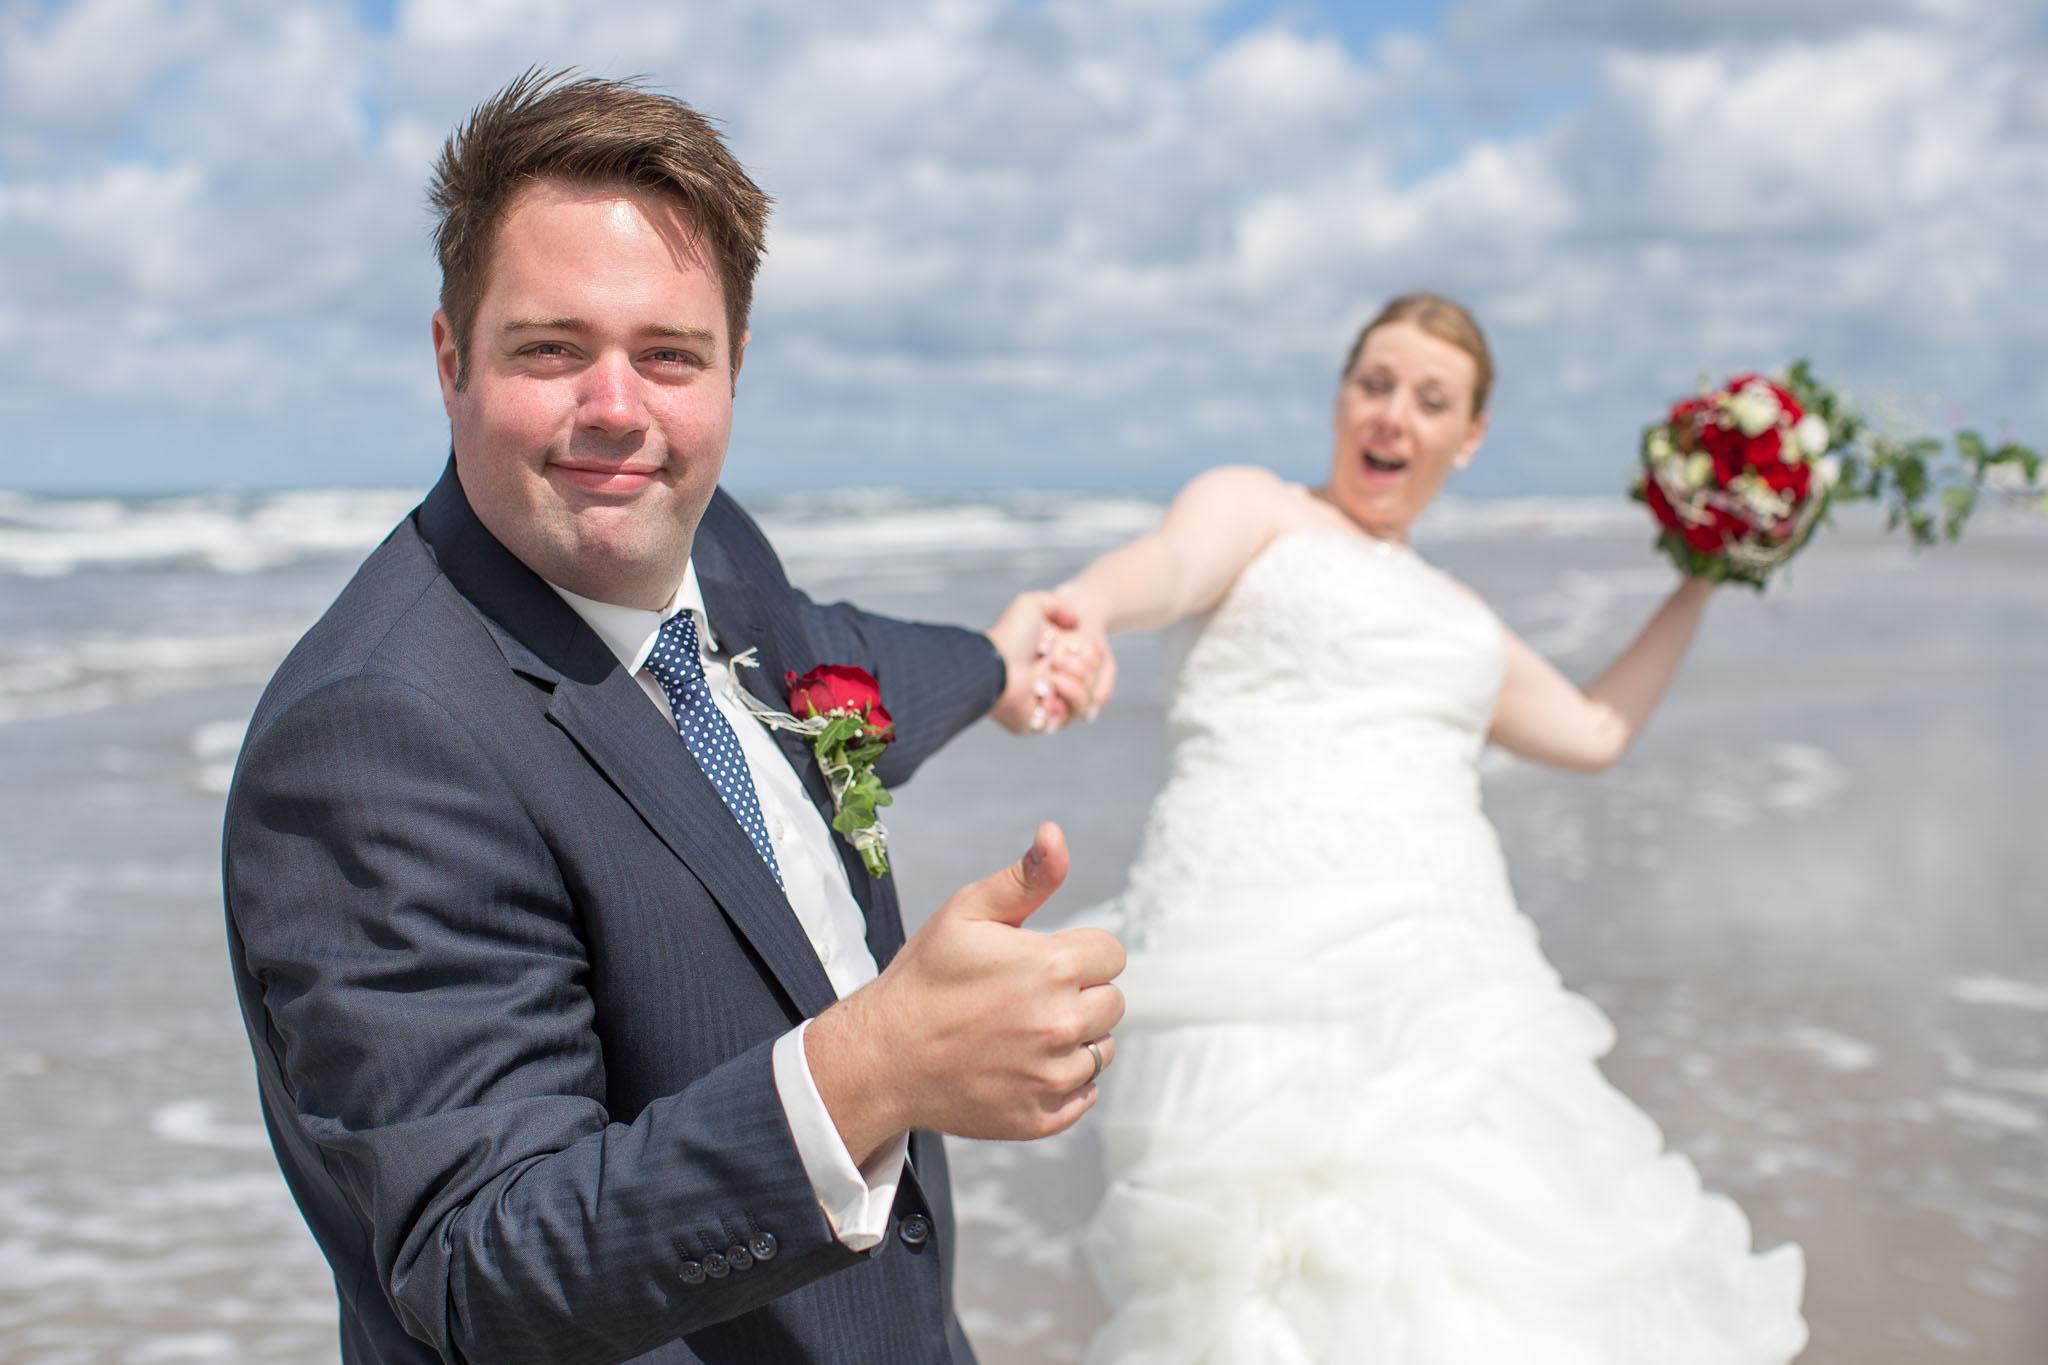 Remarkable Lustige Hochzeitsbilder Best Choice Of